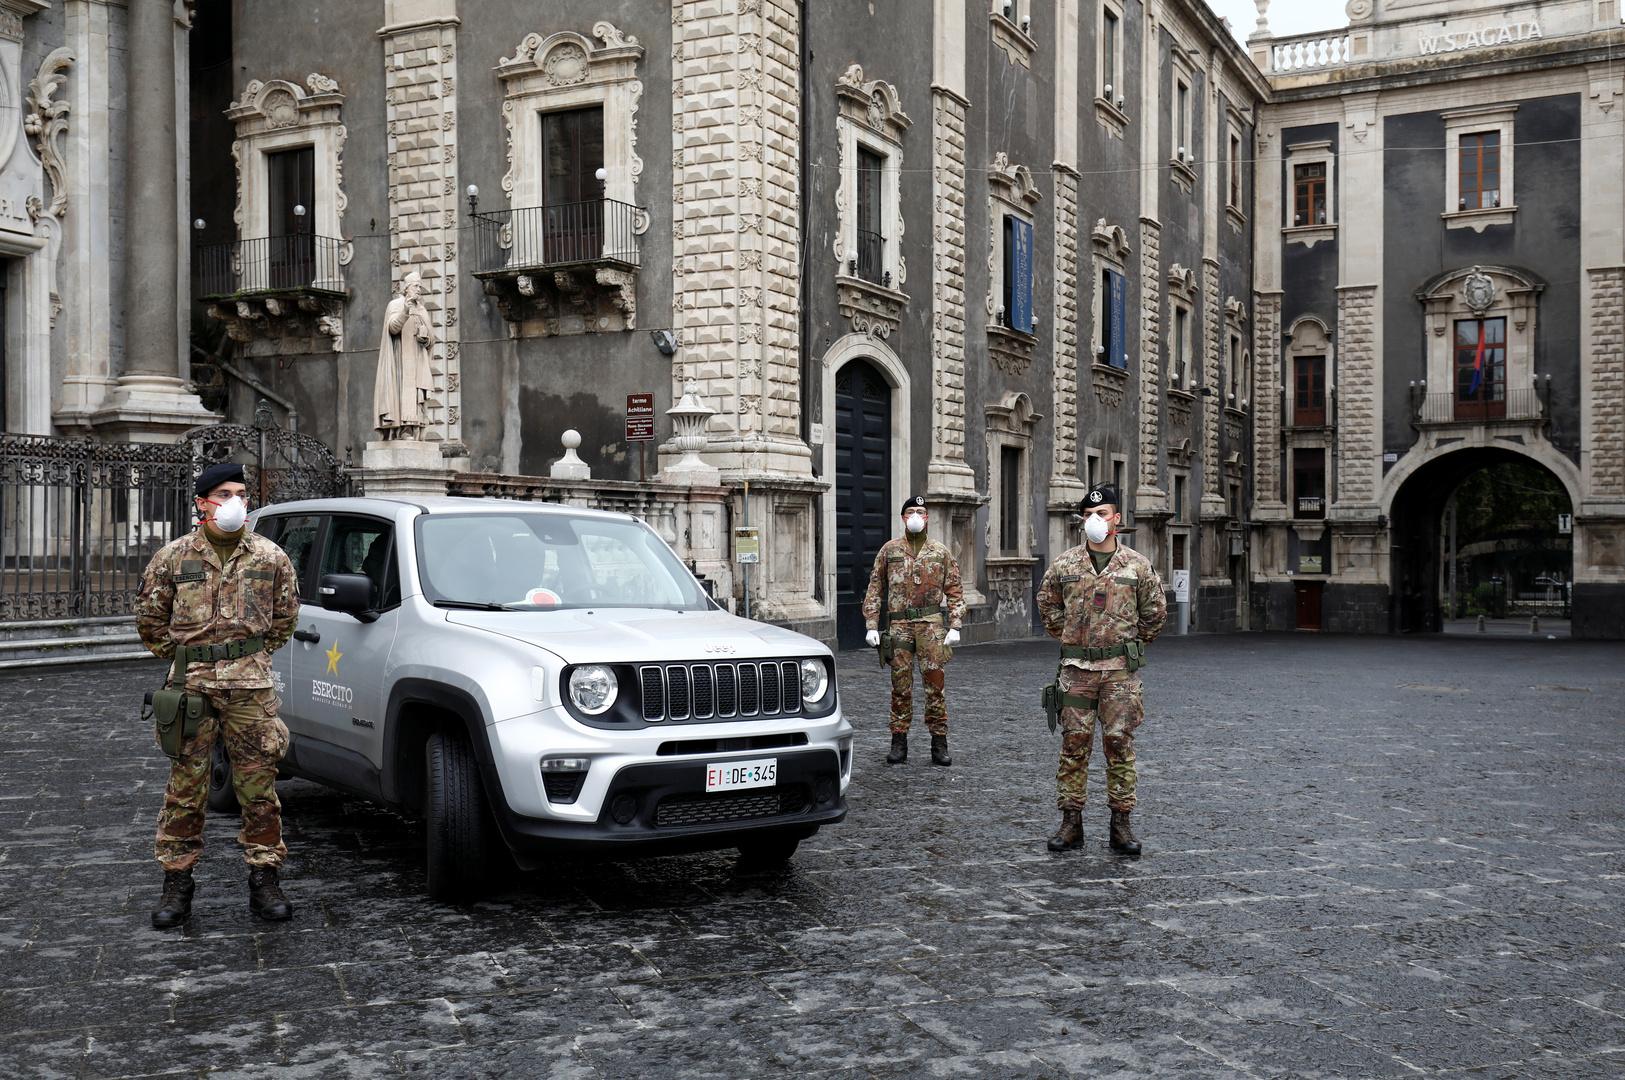 عناصر من الجيش الإيطالي في شوارع مدينة كاتانيا